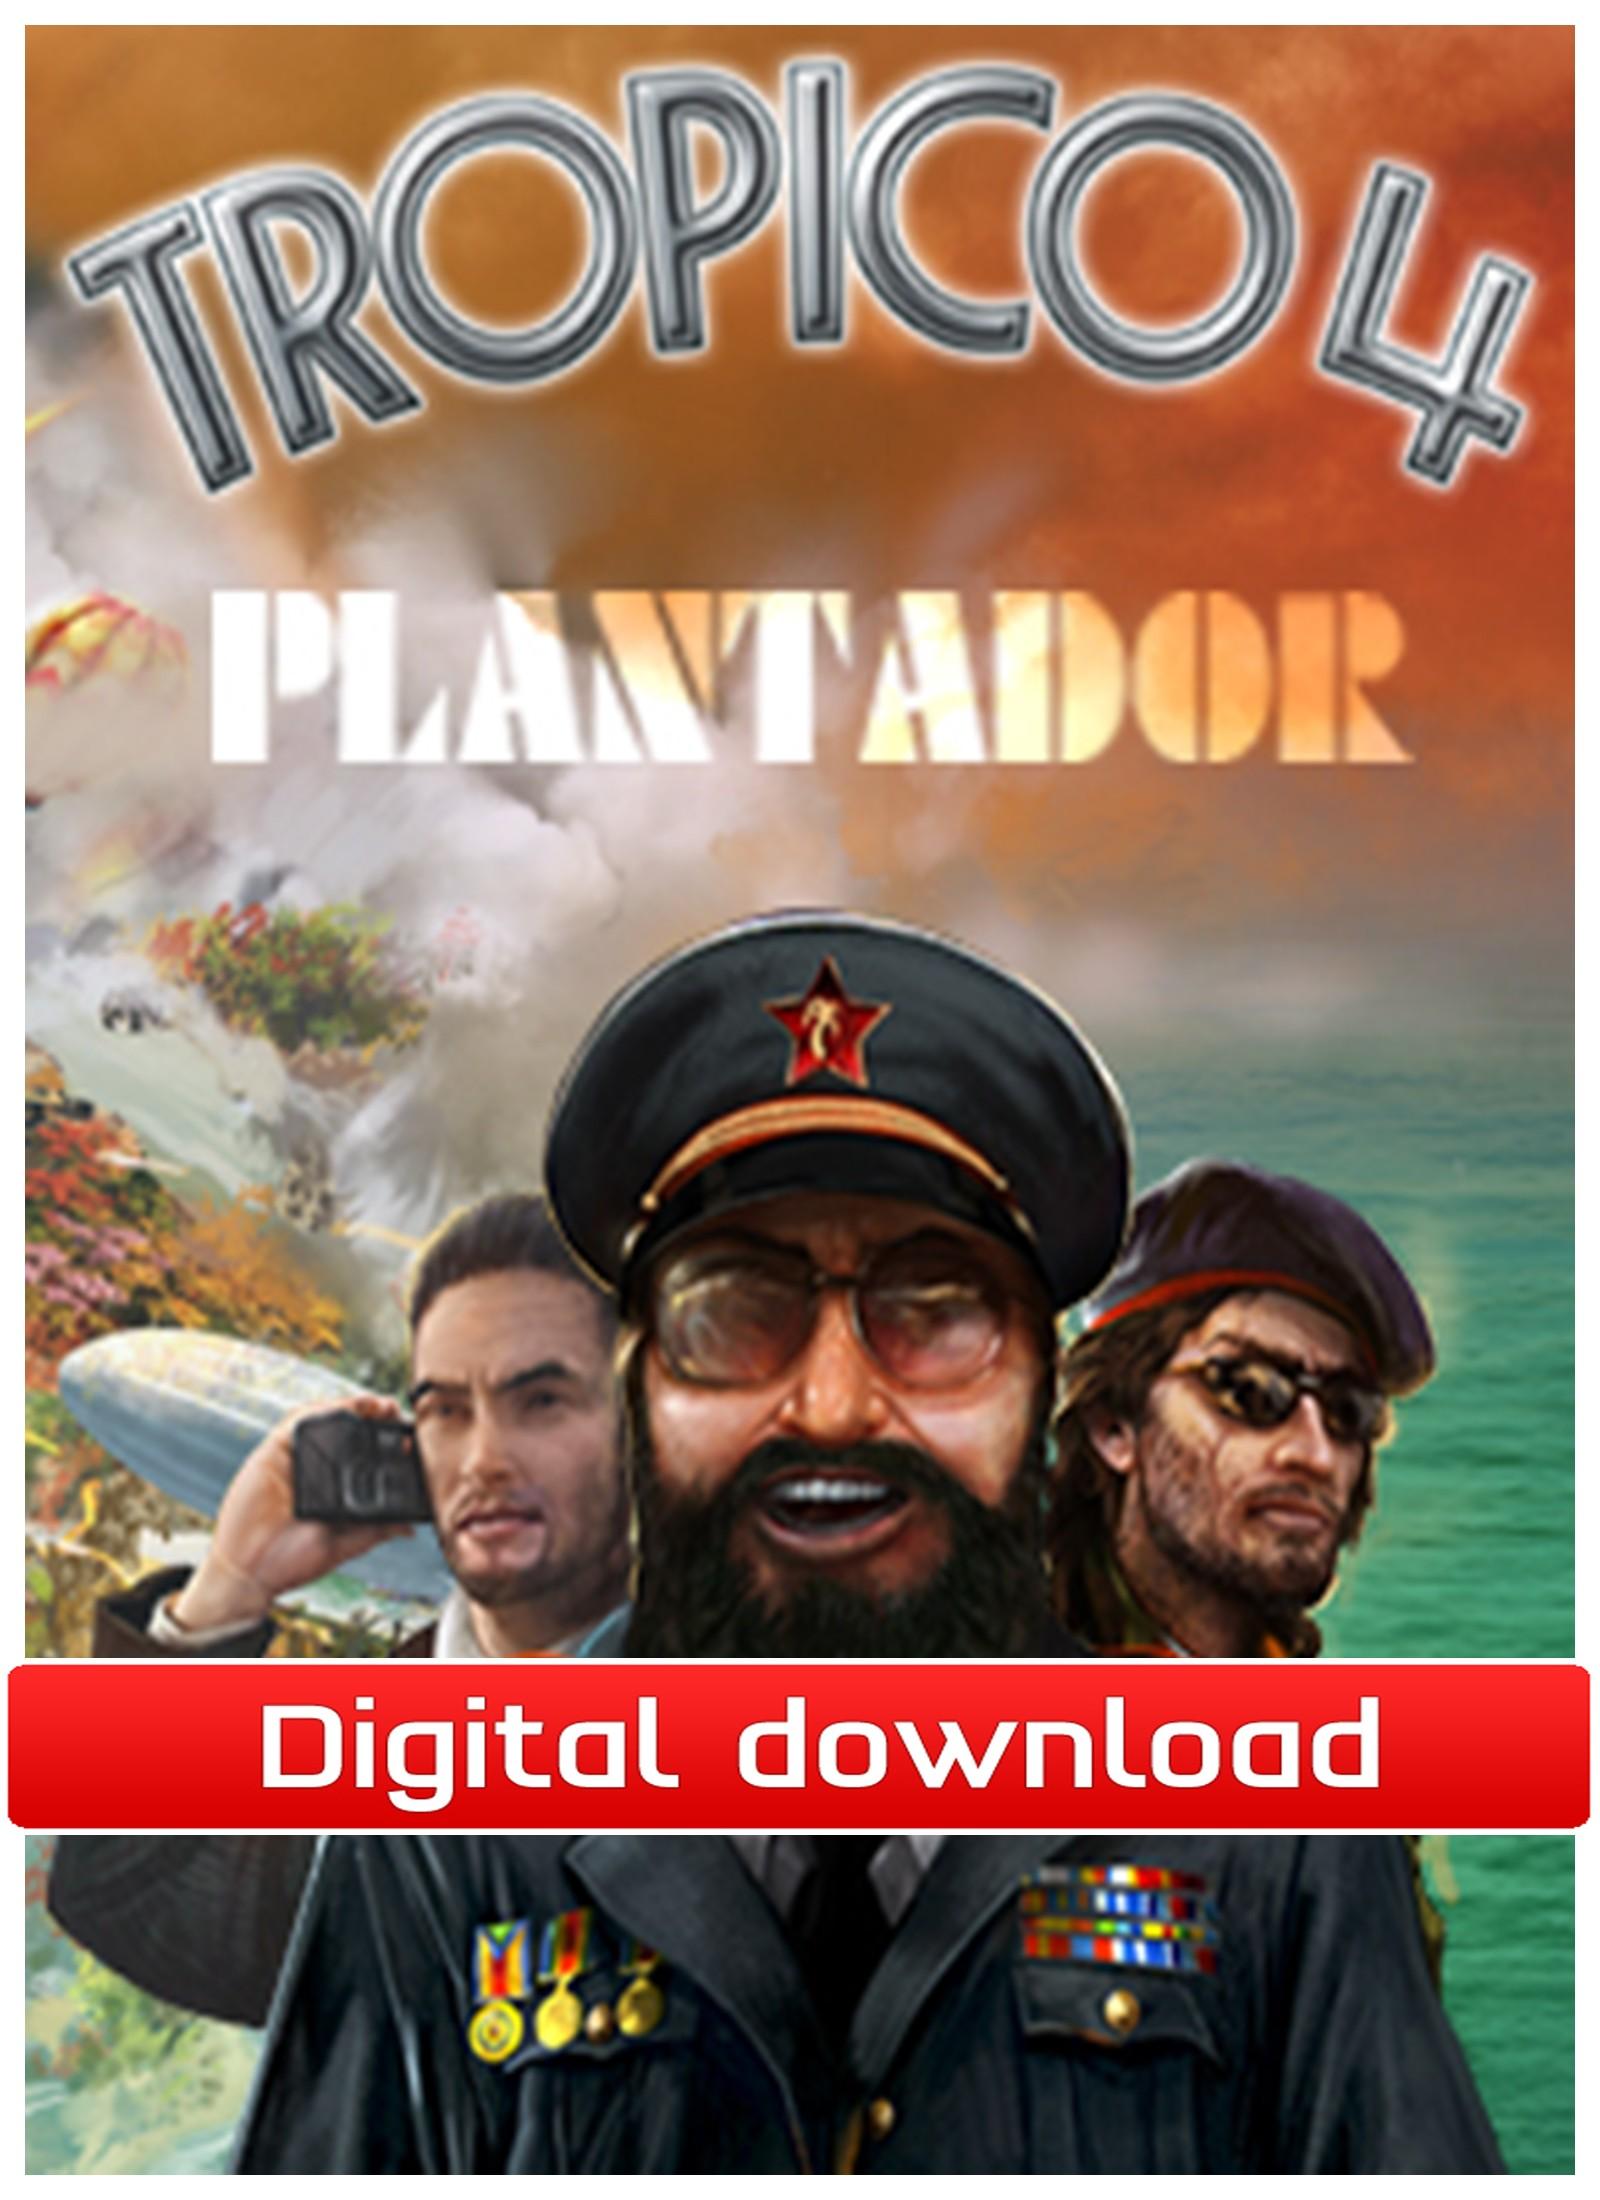 Tropico 4 - DLC Plantador (PC nedlastning) PCDD27640